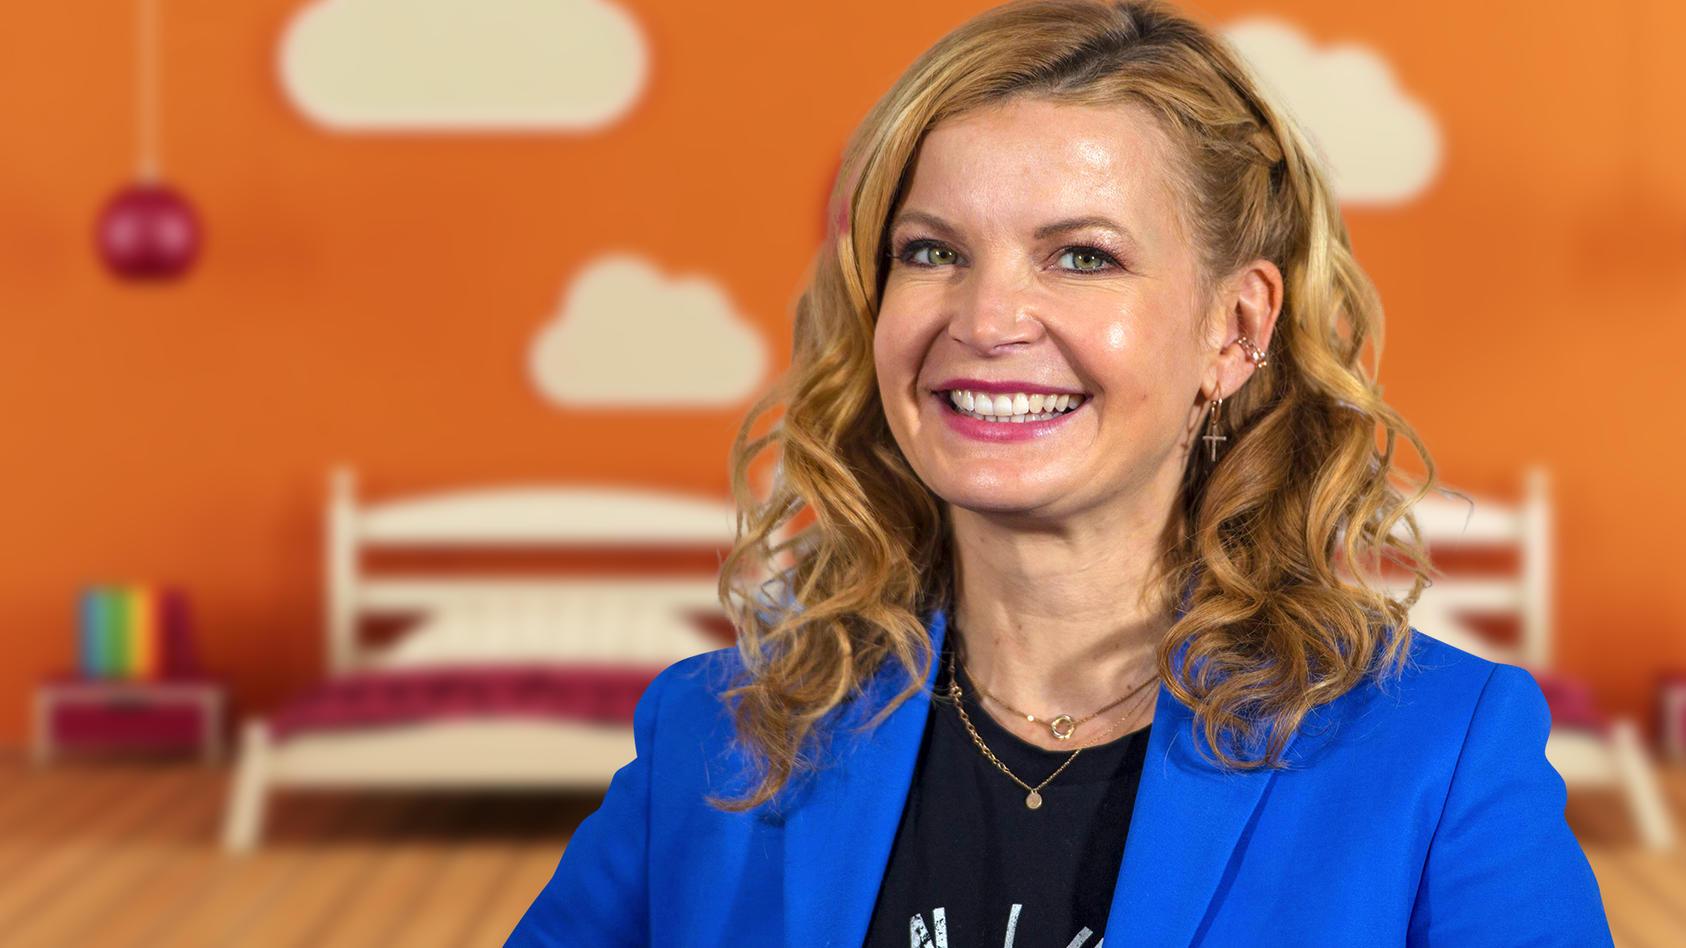 Eva Imhof sieht die Corona-Krise als Chance